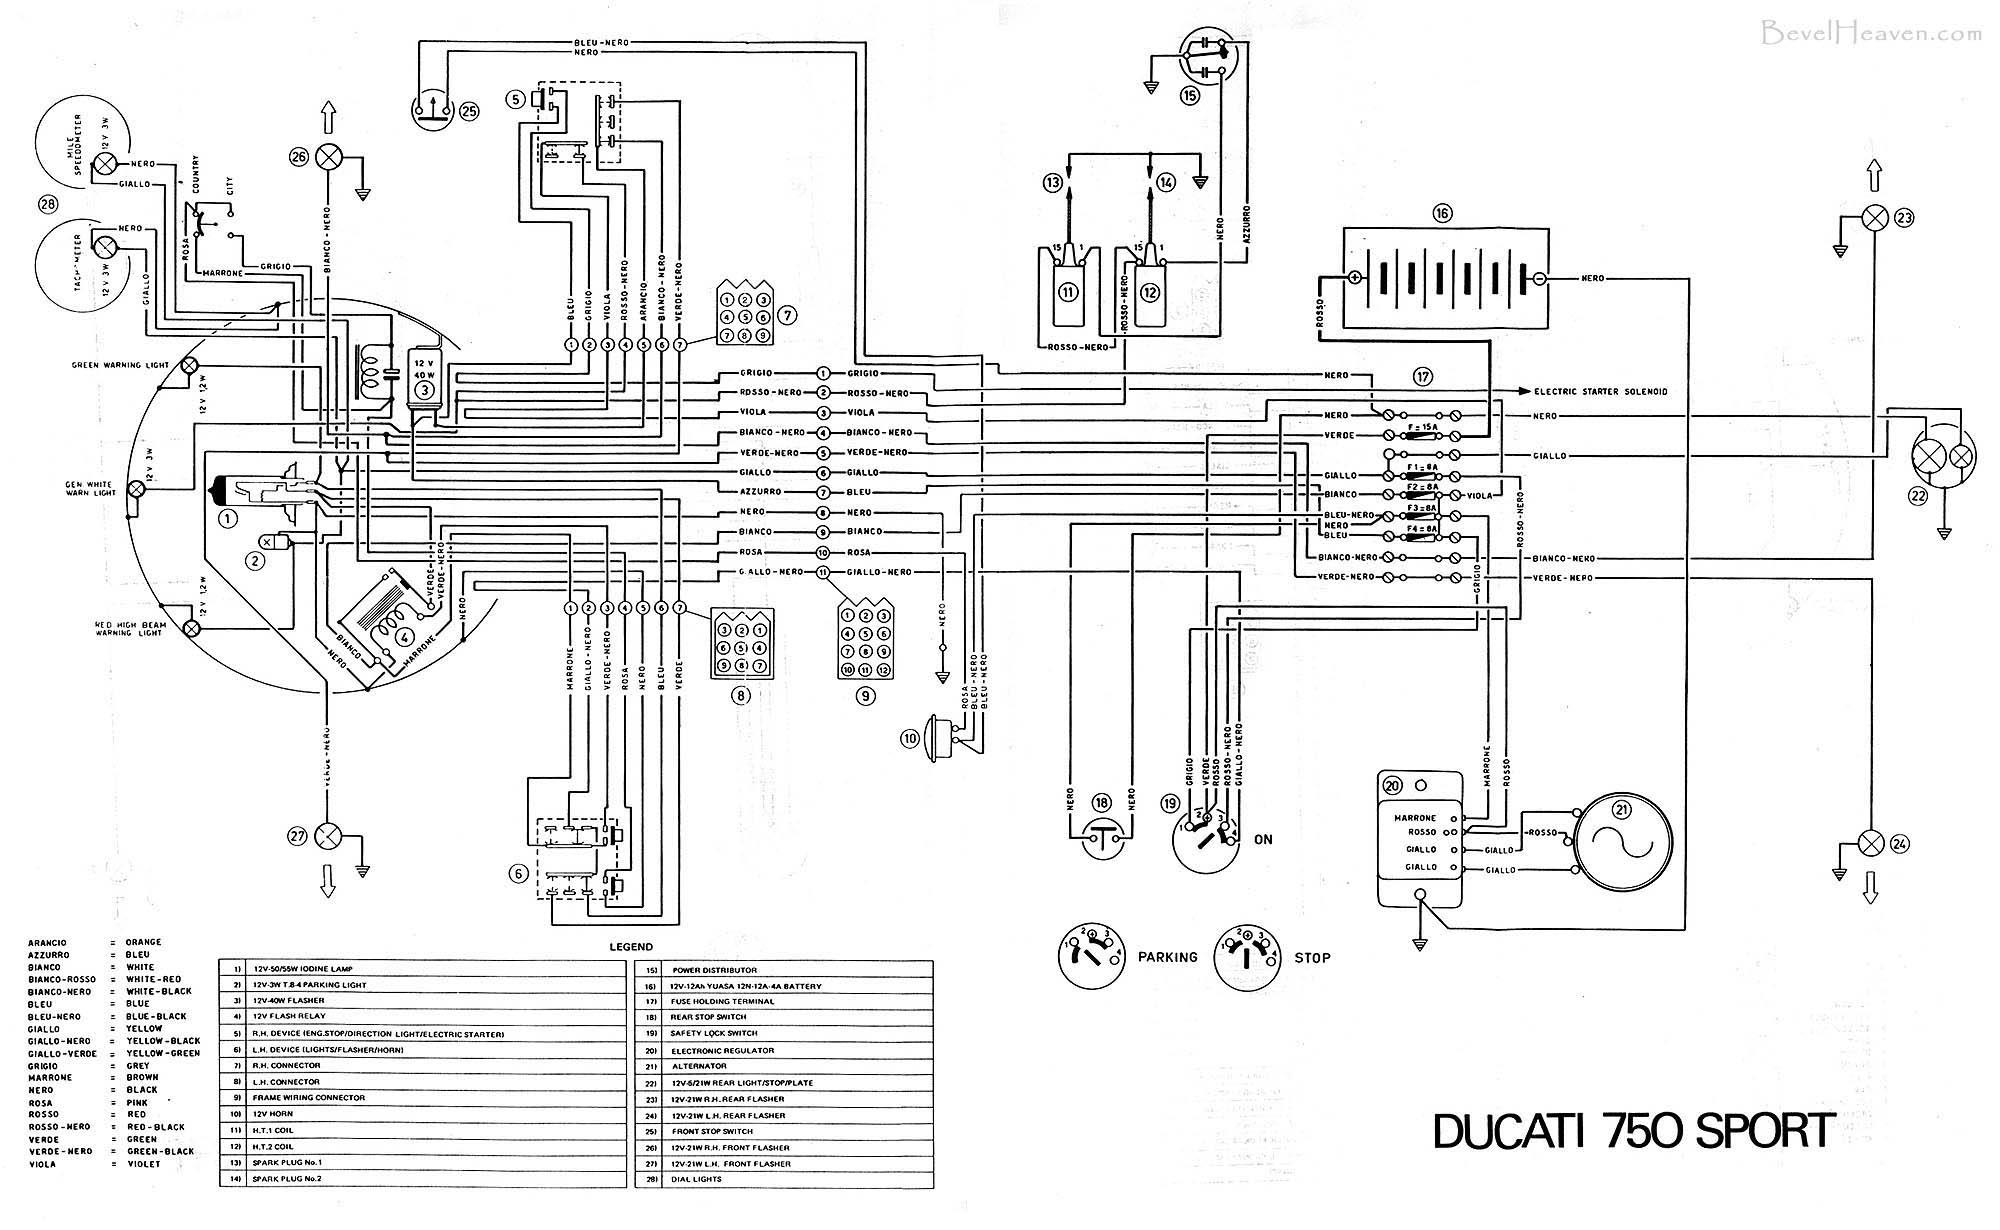 Ducati Darmah Wiring Diagram 100ss Diagrams For 860 Gt All Diagramwiring